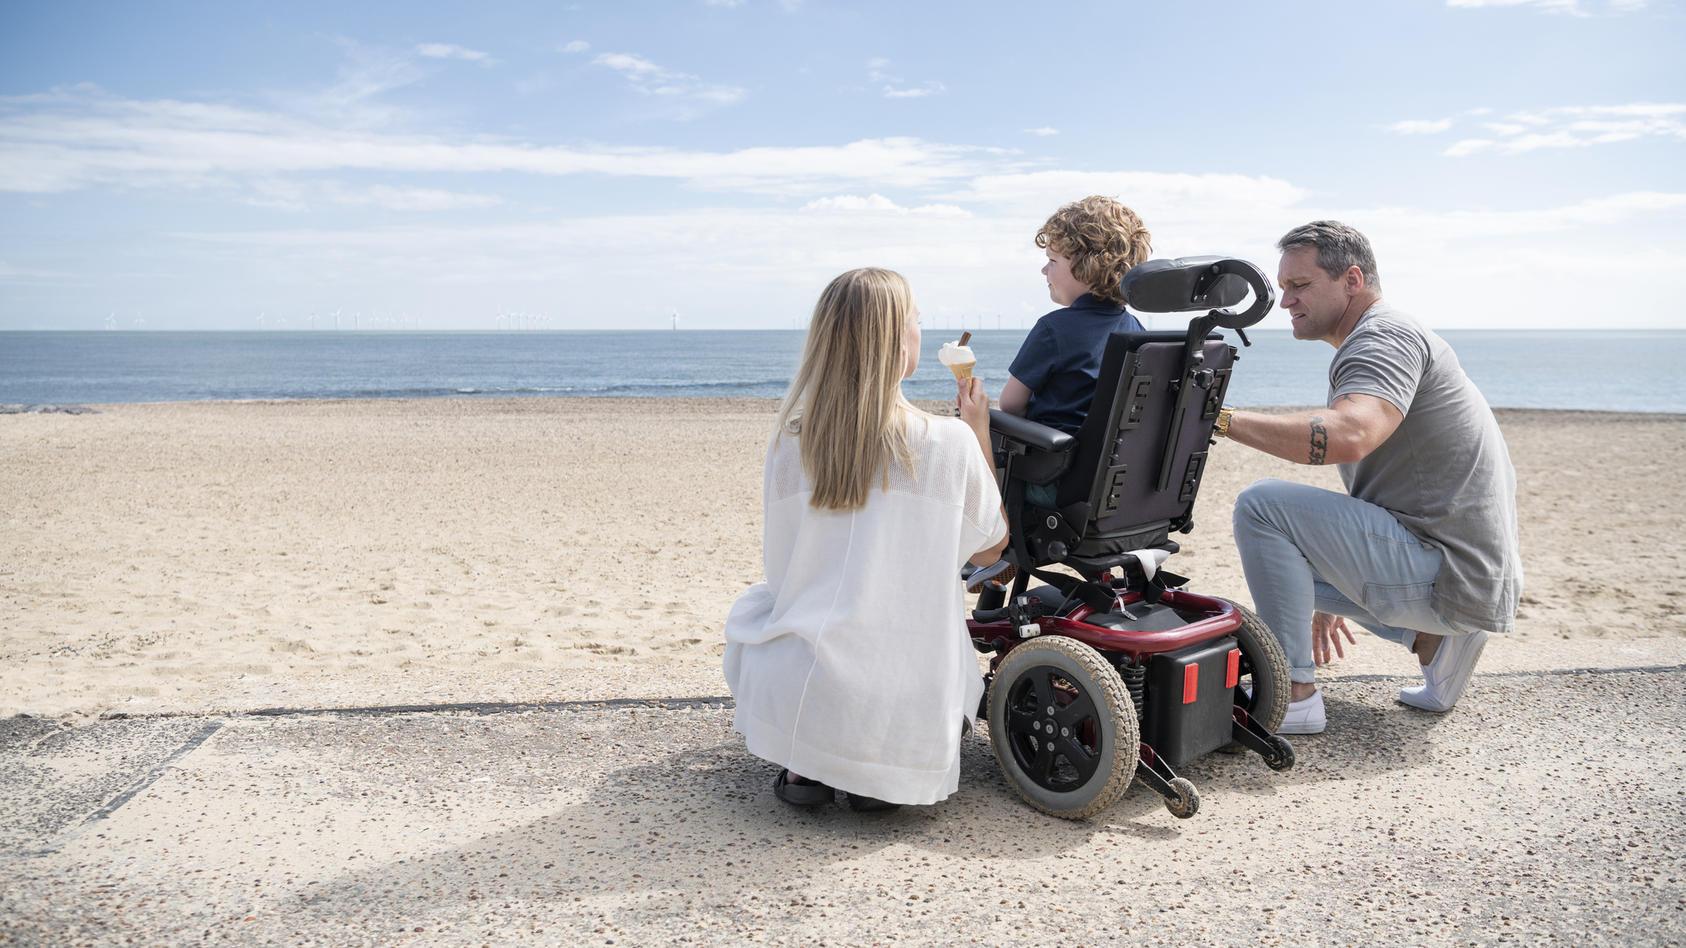 Behindertes Kind mit Eltern am Strand